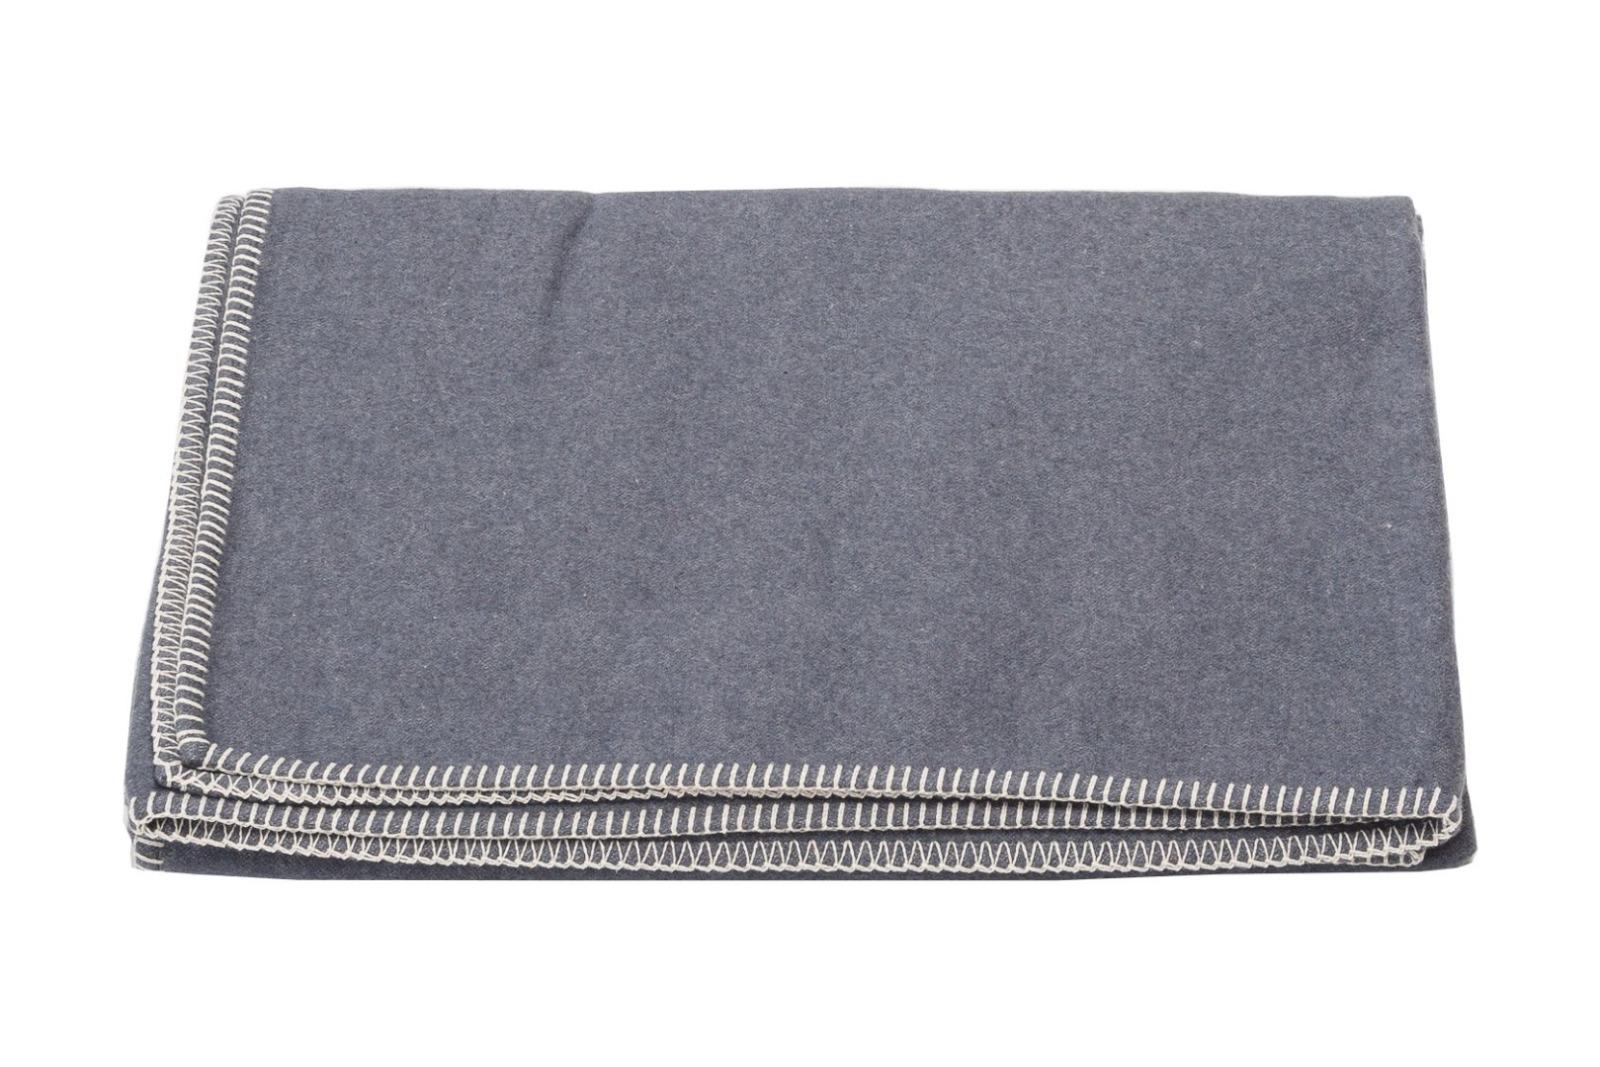 Baumwolldecke SYLT / dunkelgrau mit Zierstich